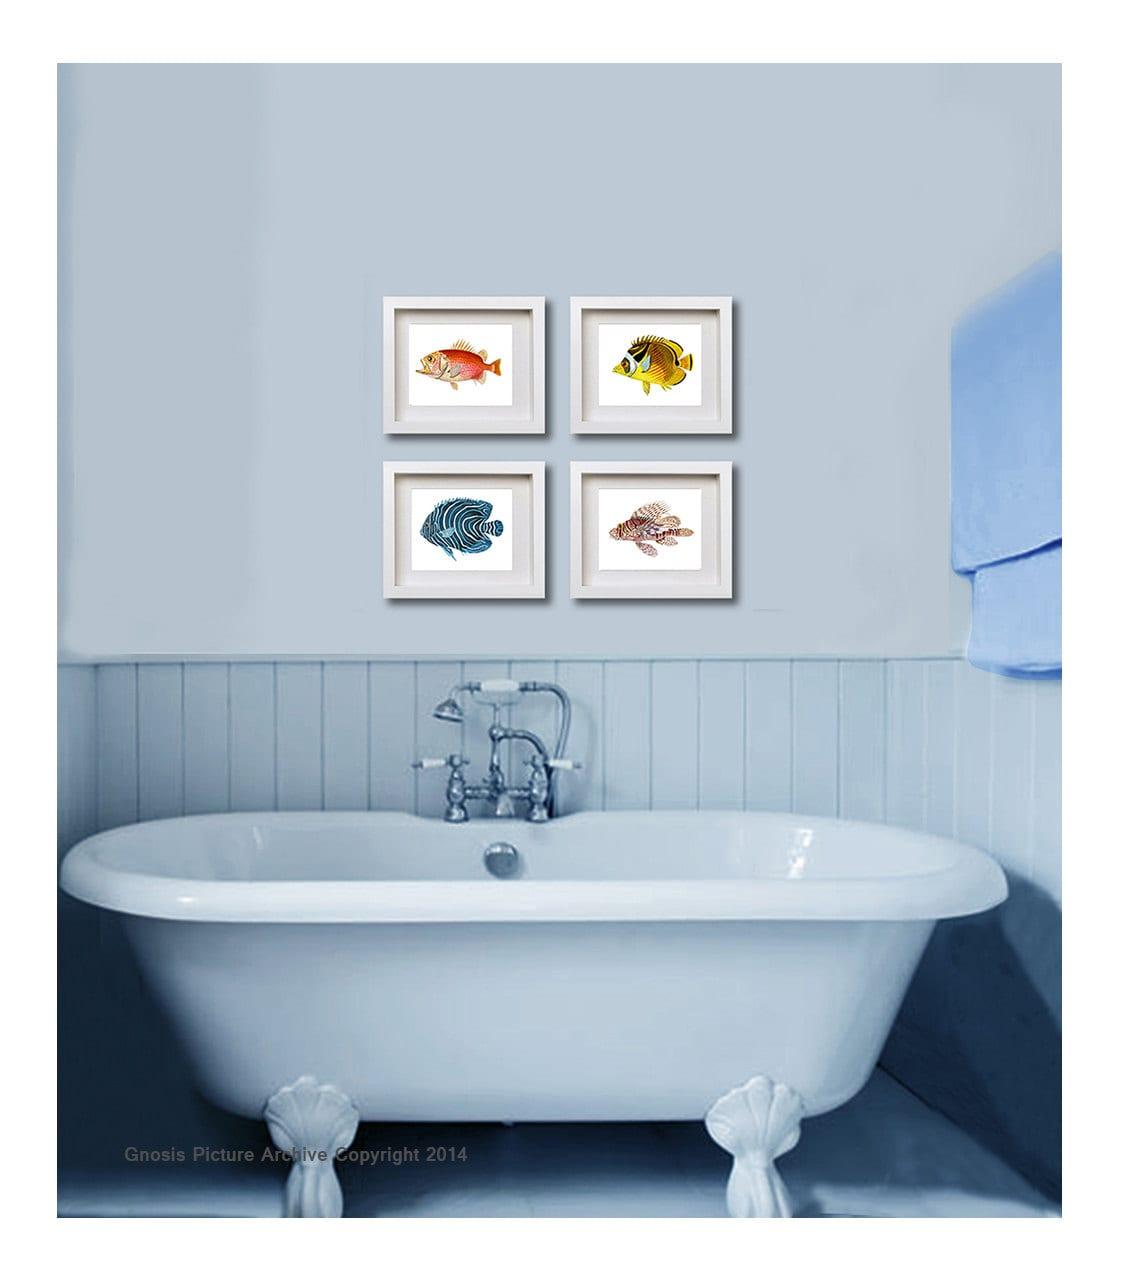 Tropical Bathroom Wall Decor: Antique Fish Art Prints Set Of 4 Tropical Fish 8x10 Boy